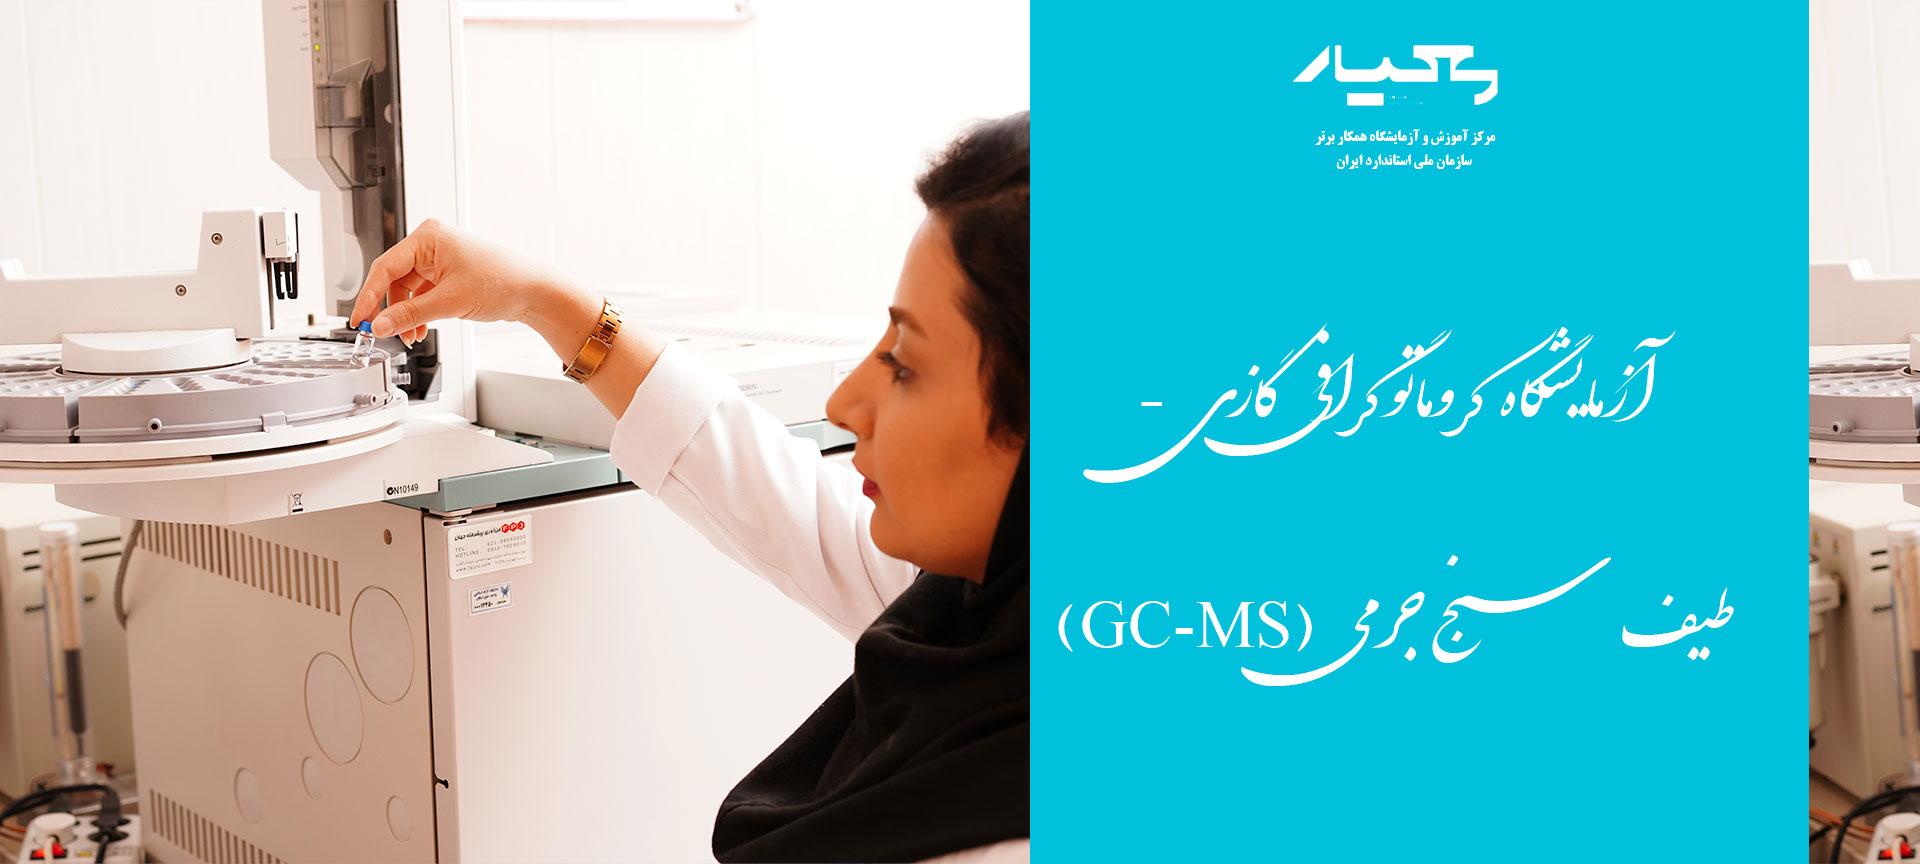 آزمایشگاه کروماتوگرافی گازی – طیف سنج جرمی (GC-MS)